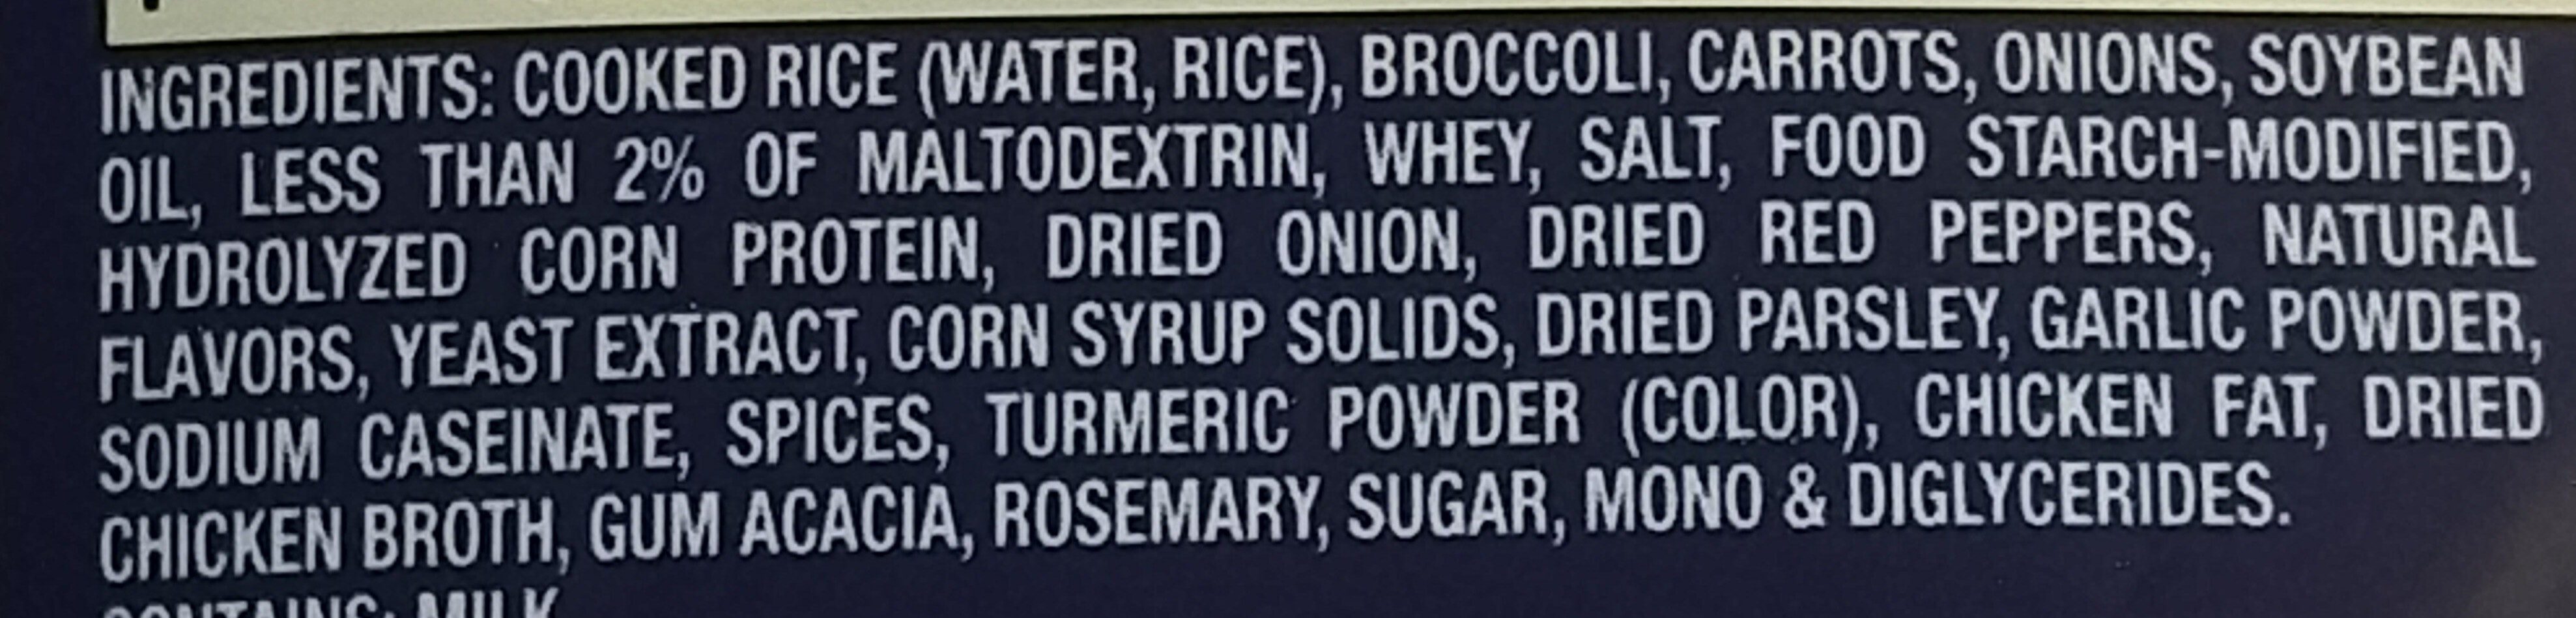 Lightly seasoned chicken flavored rice - Ingredients - en